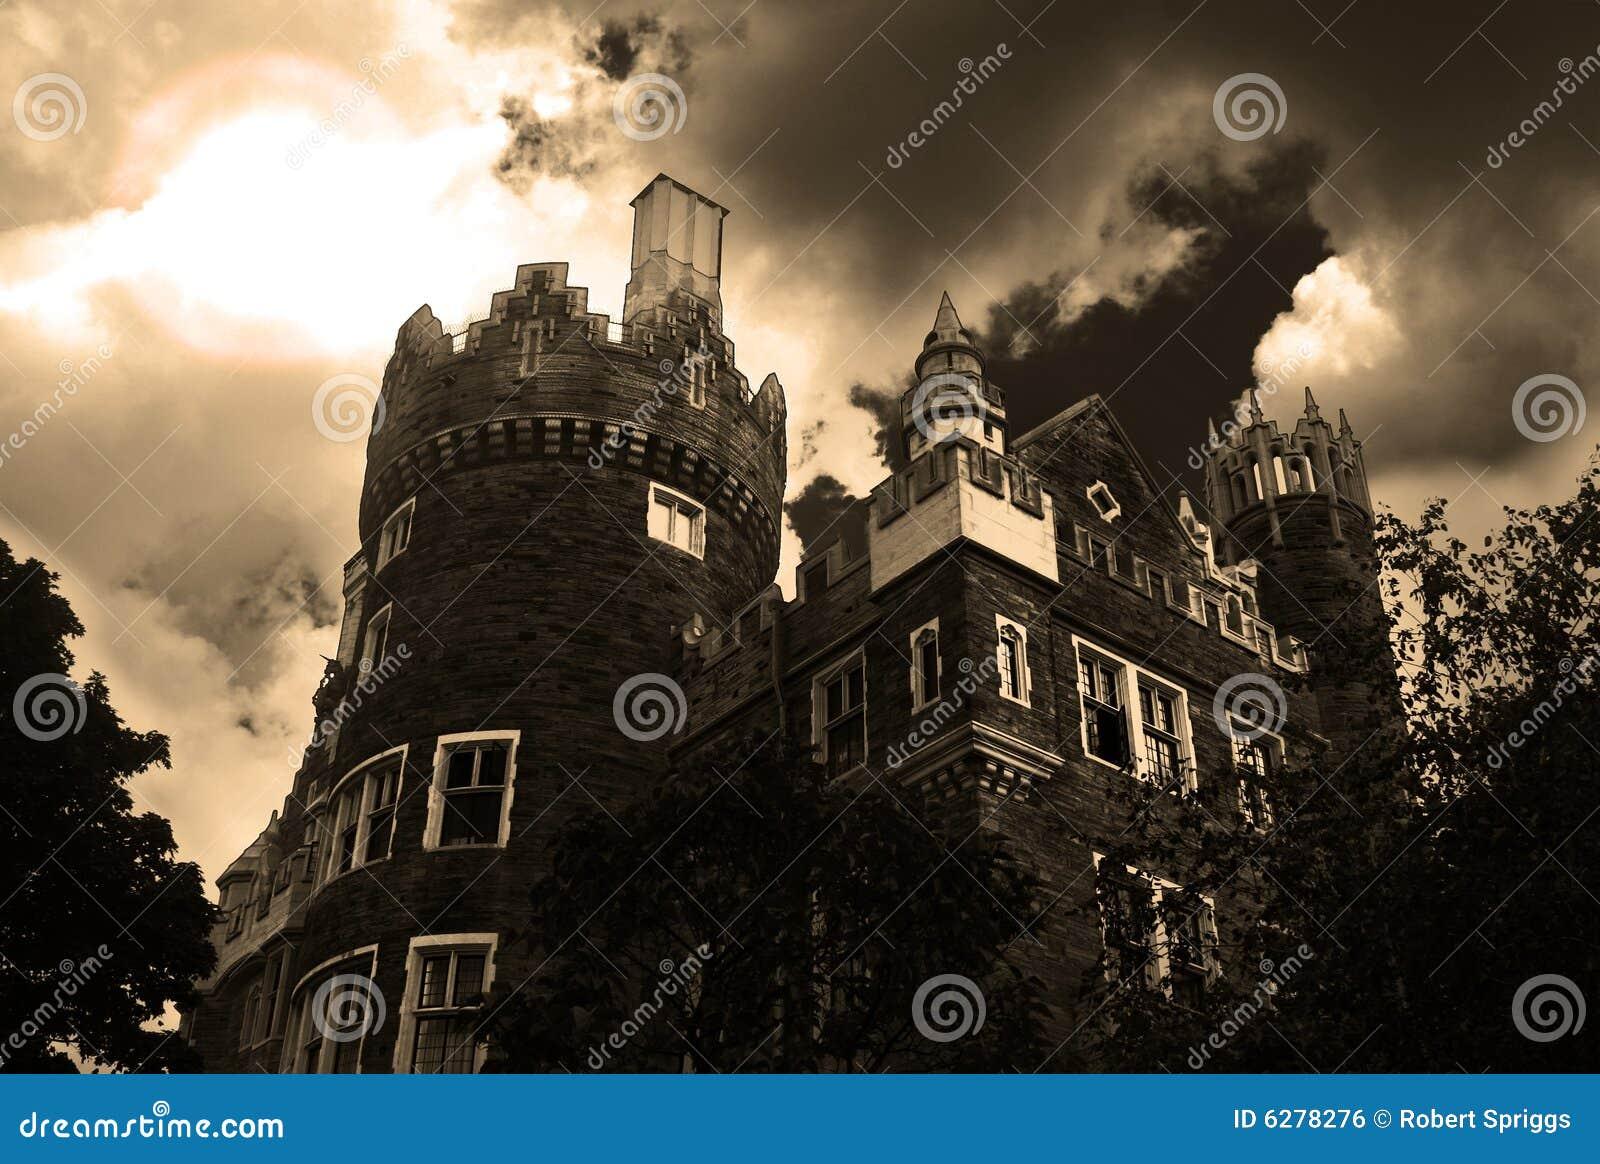 Spökat slott